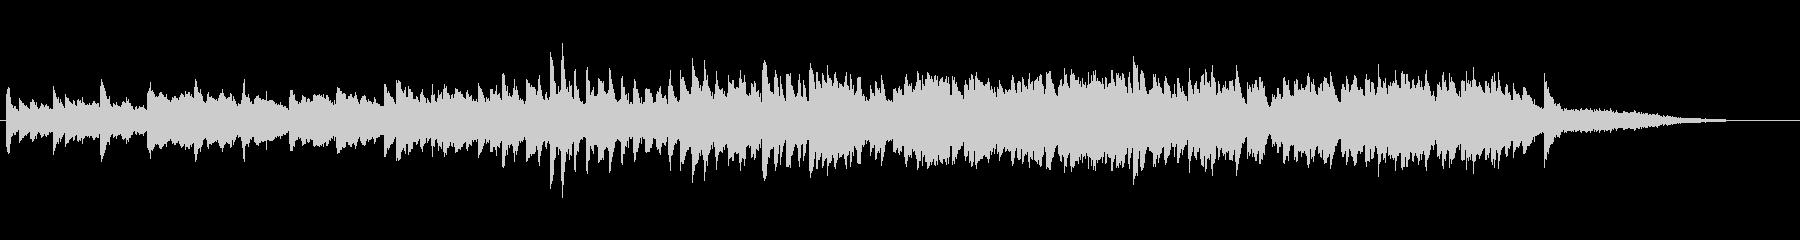 1分でパッヘルベルのカノン ピアノ&オケの未再生の波形